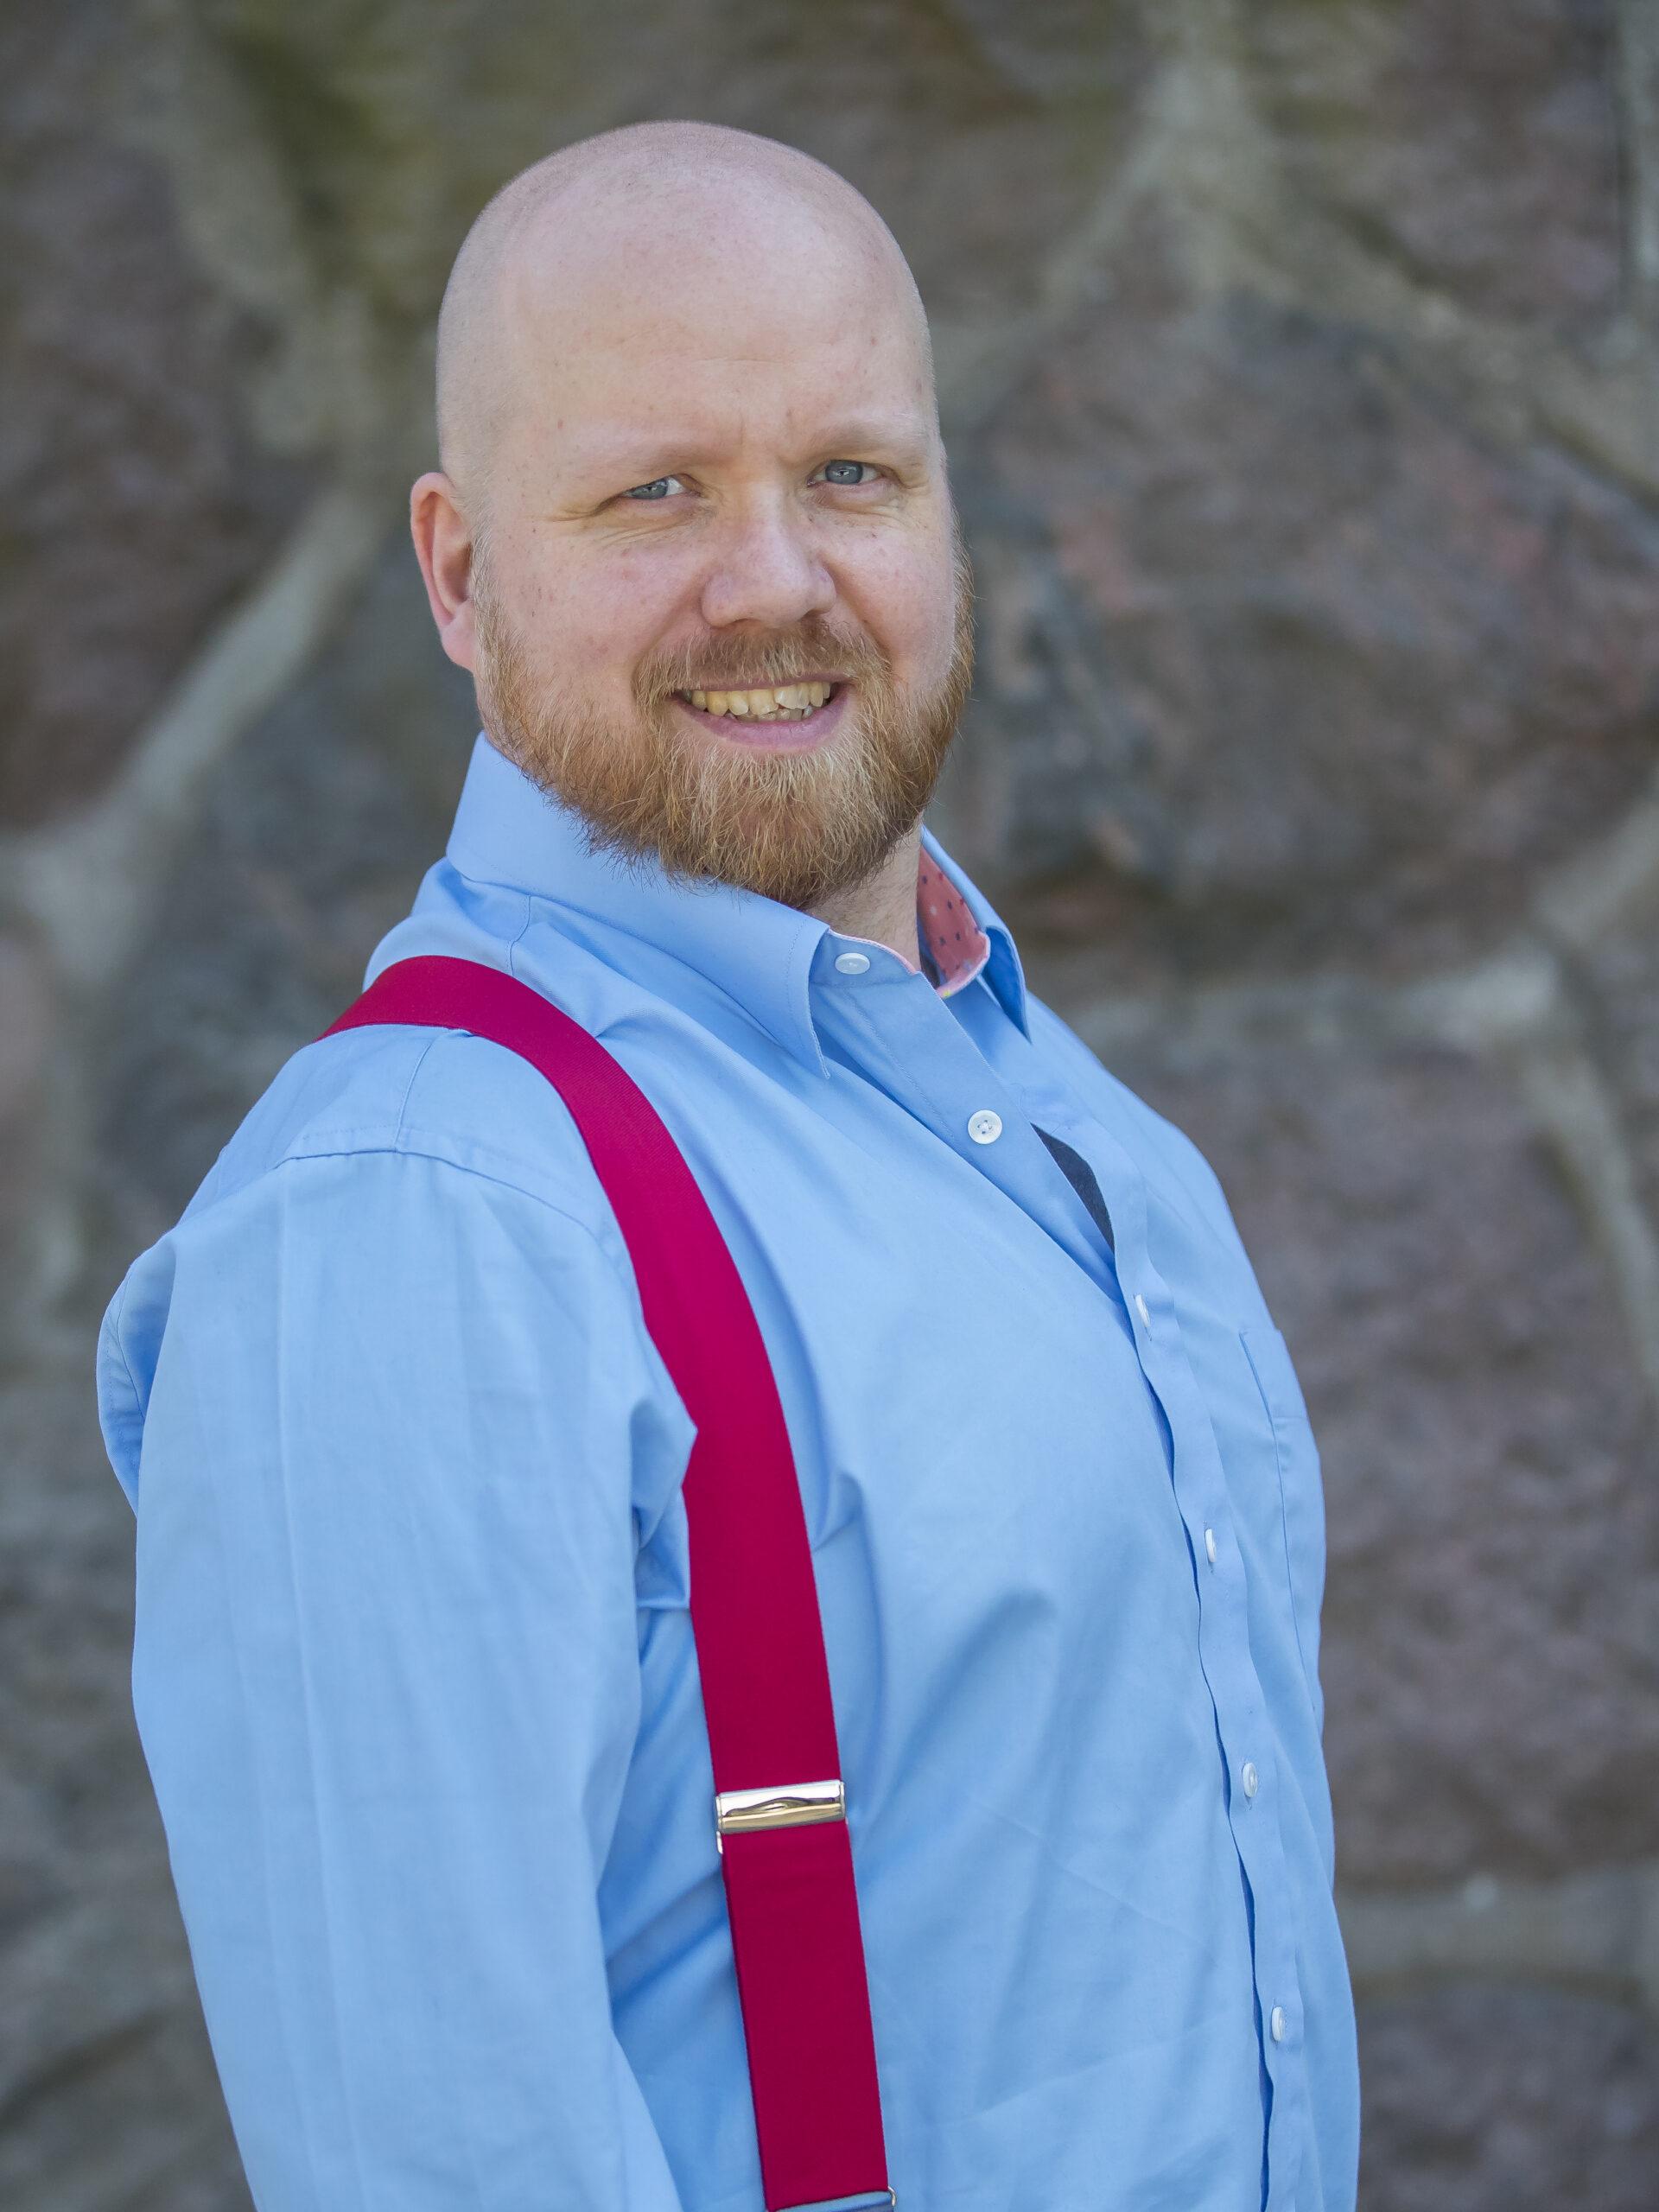 Jacob Kjellerup